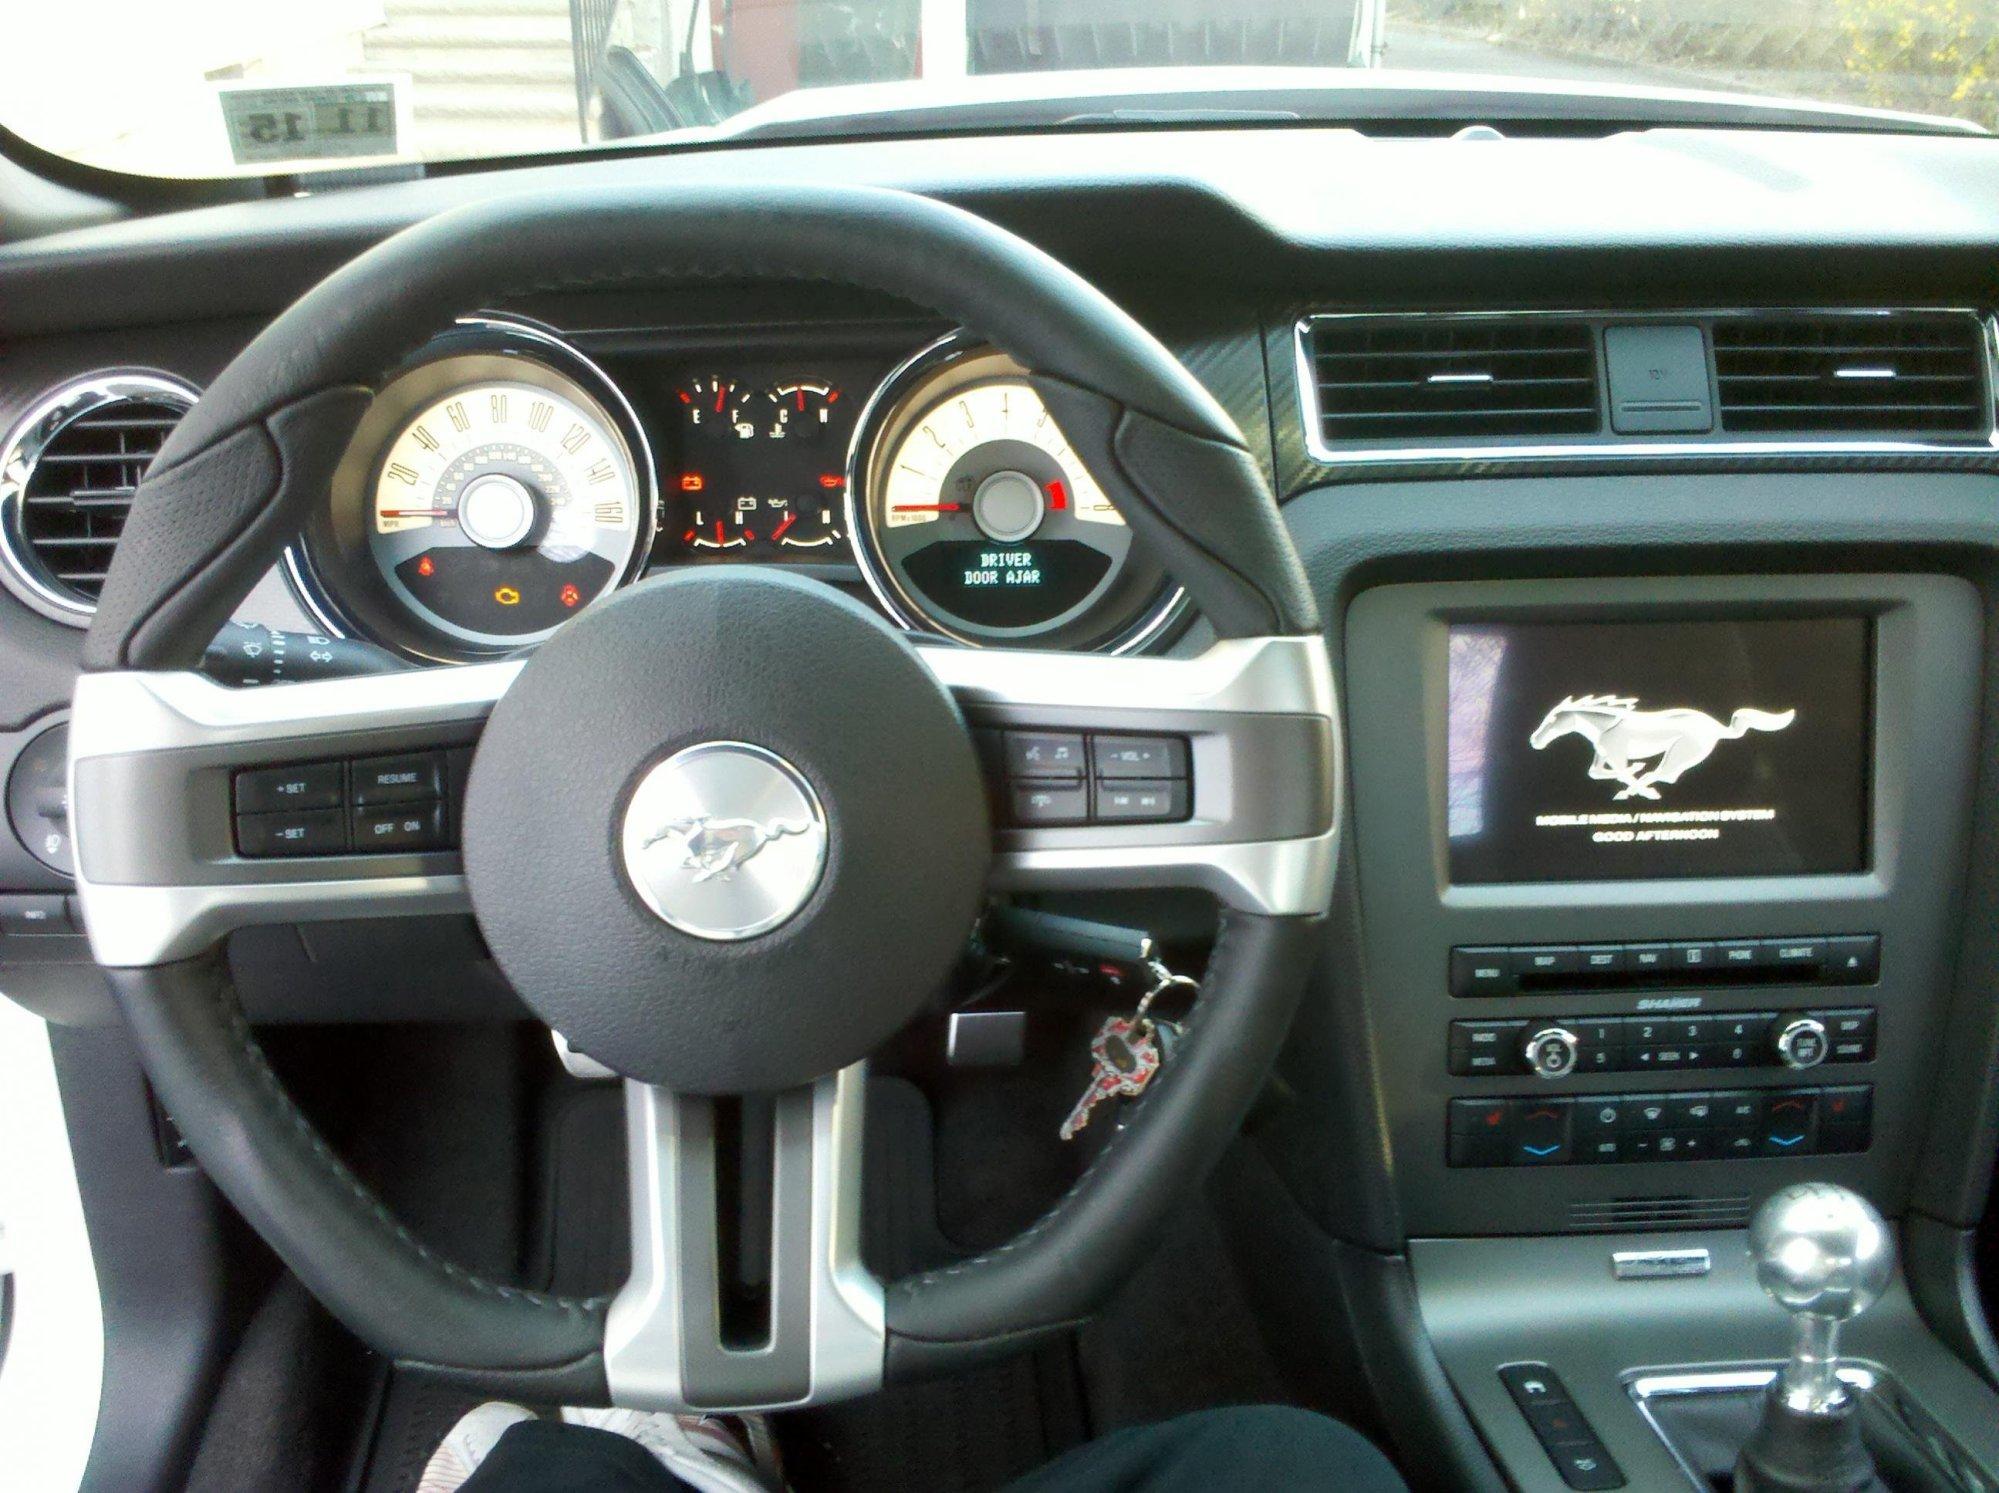 hight resolution of new revolution steering wheel install img 20110414 175033 jpg